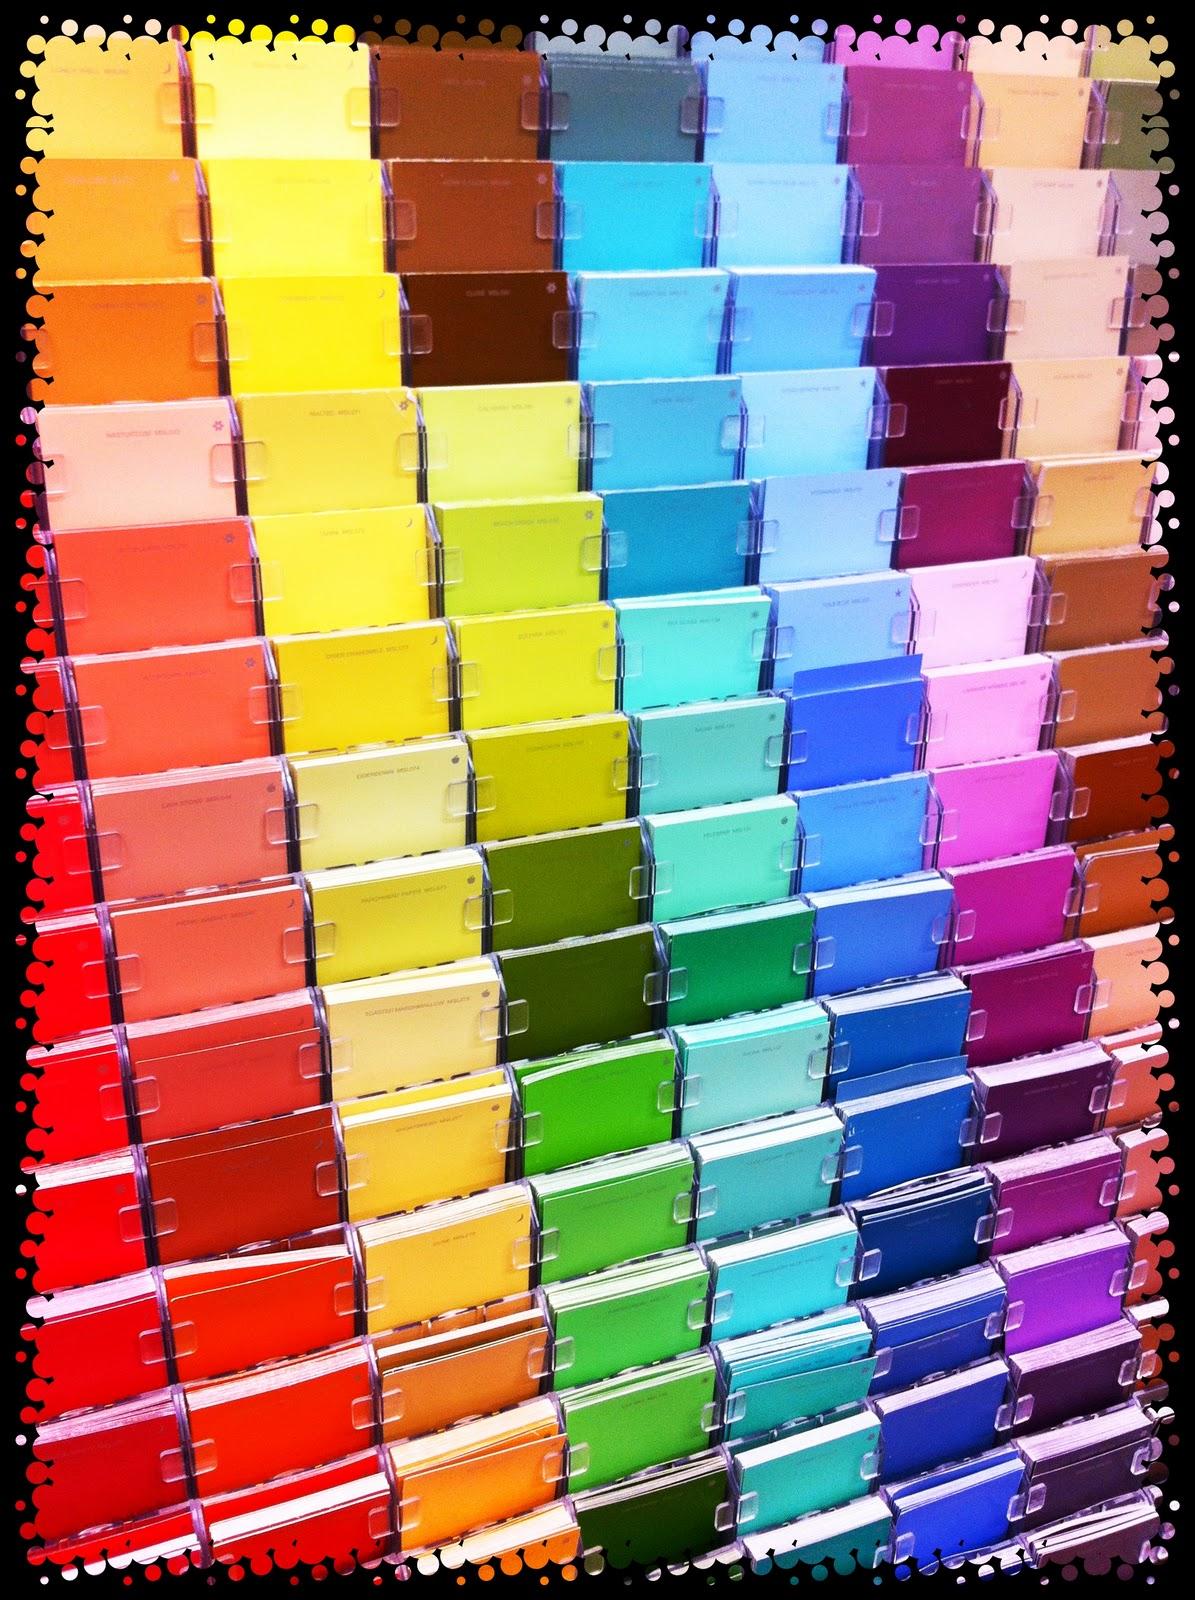 %d9%81%d8%b1%d9%88%d8%b4 %d8%b1%d9%86%da%af paint sale  | فروش رنگ مولتی کالر فروش رنگ کنیتکس فروش رنگ ساختمان فروش رنگ روغنی فروش رنگ بلکا فروش رنگ رنگ ساختمان  | فروش رنگ | فروش انواع رنگ ساختمانی: بلکا   مولتی کالر   روغنی   کنیتکس | Building Painting